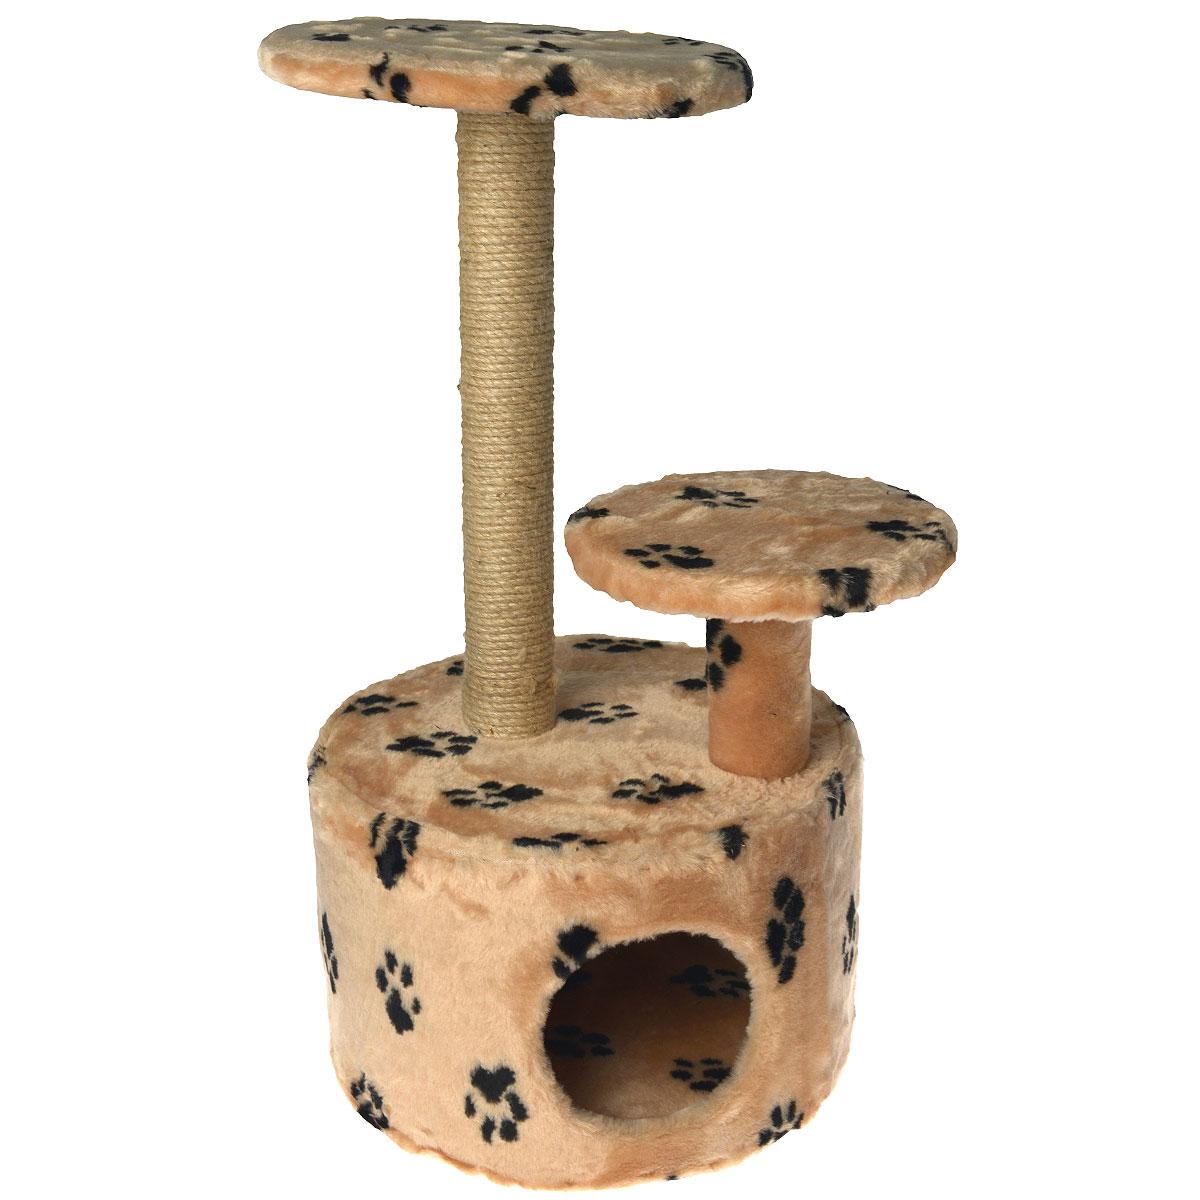 Домик для кошки Пушок, с когтеточкой, цвет: коричневый, лапы, 42 см х 42 см х 80 см4640000931124Домик круглой формы Пушок, выполненный из искусственного меха, будет прекрасным местом для отдыха и уединения вашей кошки. В домике предусмотрены ступенька, полочка и когтеточка. Когтеточка - один из самых необходимых аксессуаров для кошки. Для приучения к когтеточке можно натереть ее сухой валерьянкой или кошачьей мятой.